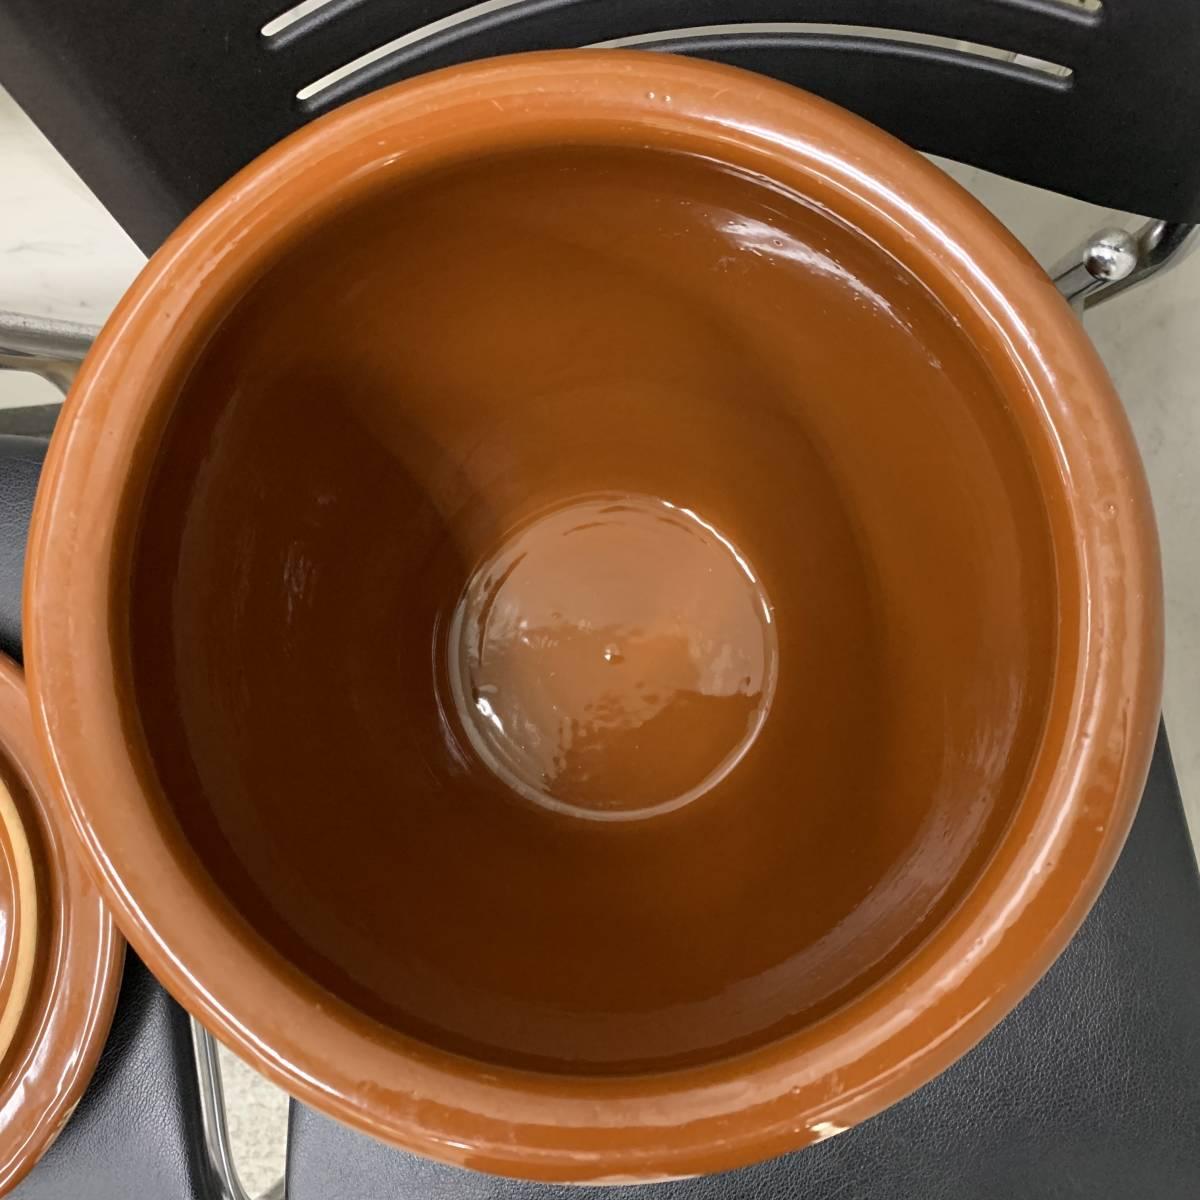 1、常滑焼 久松窯 梅干し壺 漬物容器 かめ 漬物 らっきょ 梅干 味噌 蓋付 経年保管品_画像9